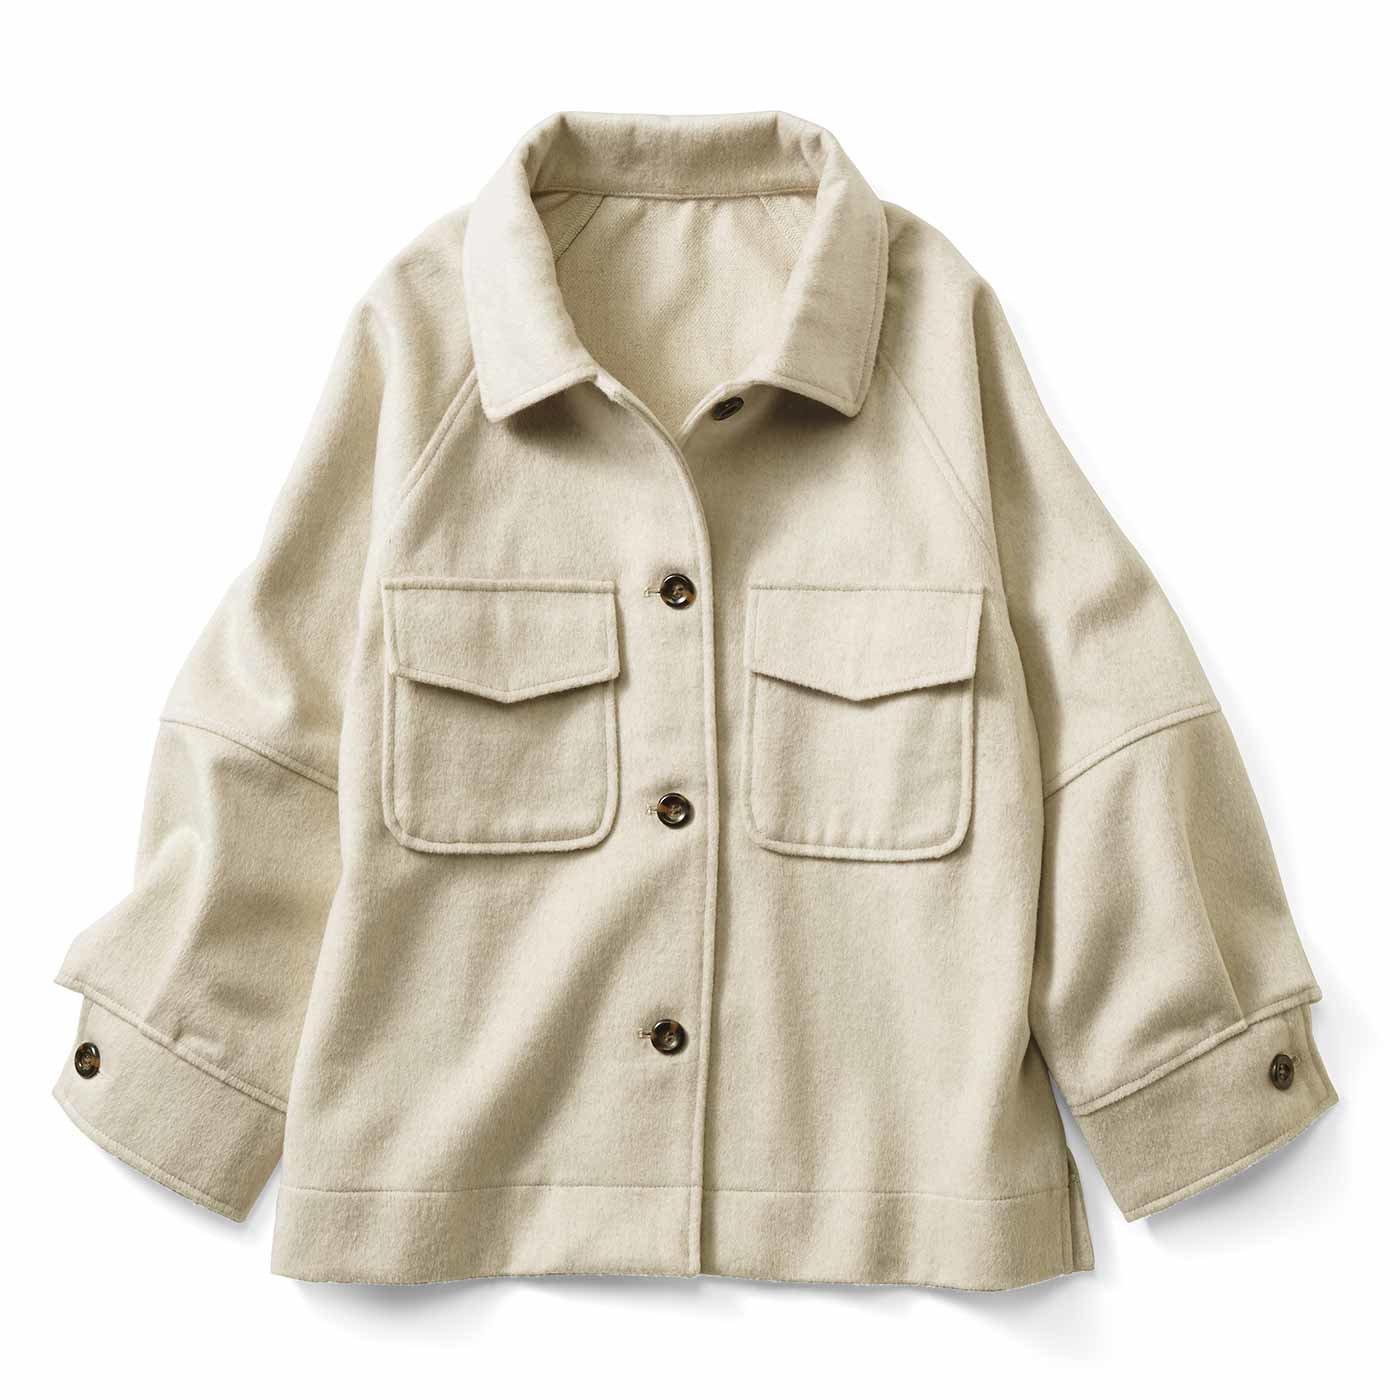 【3~10日でお届け】IEDIT[イディット]  小森美穂子さんとコラボ ロングシーズン着られる きれいめこなれジャケット〈エクリュベージュ〉